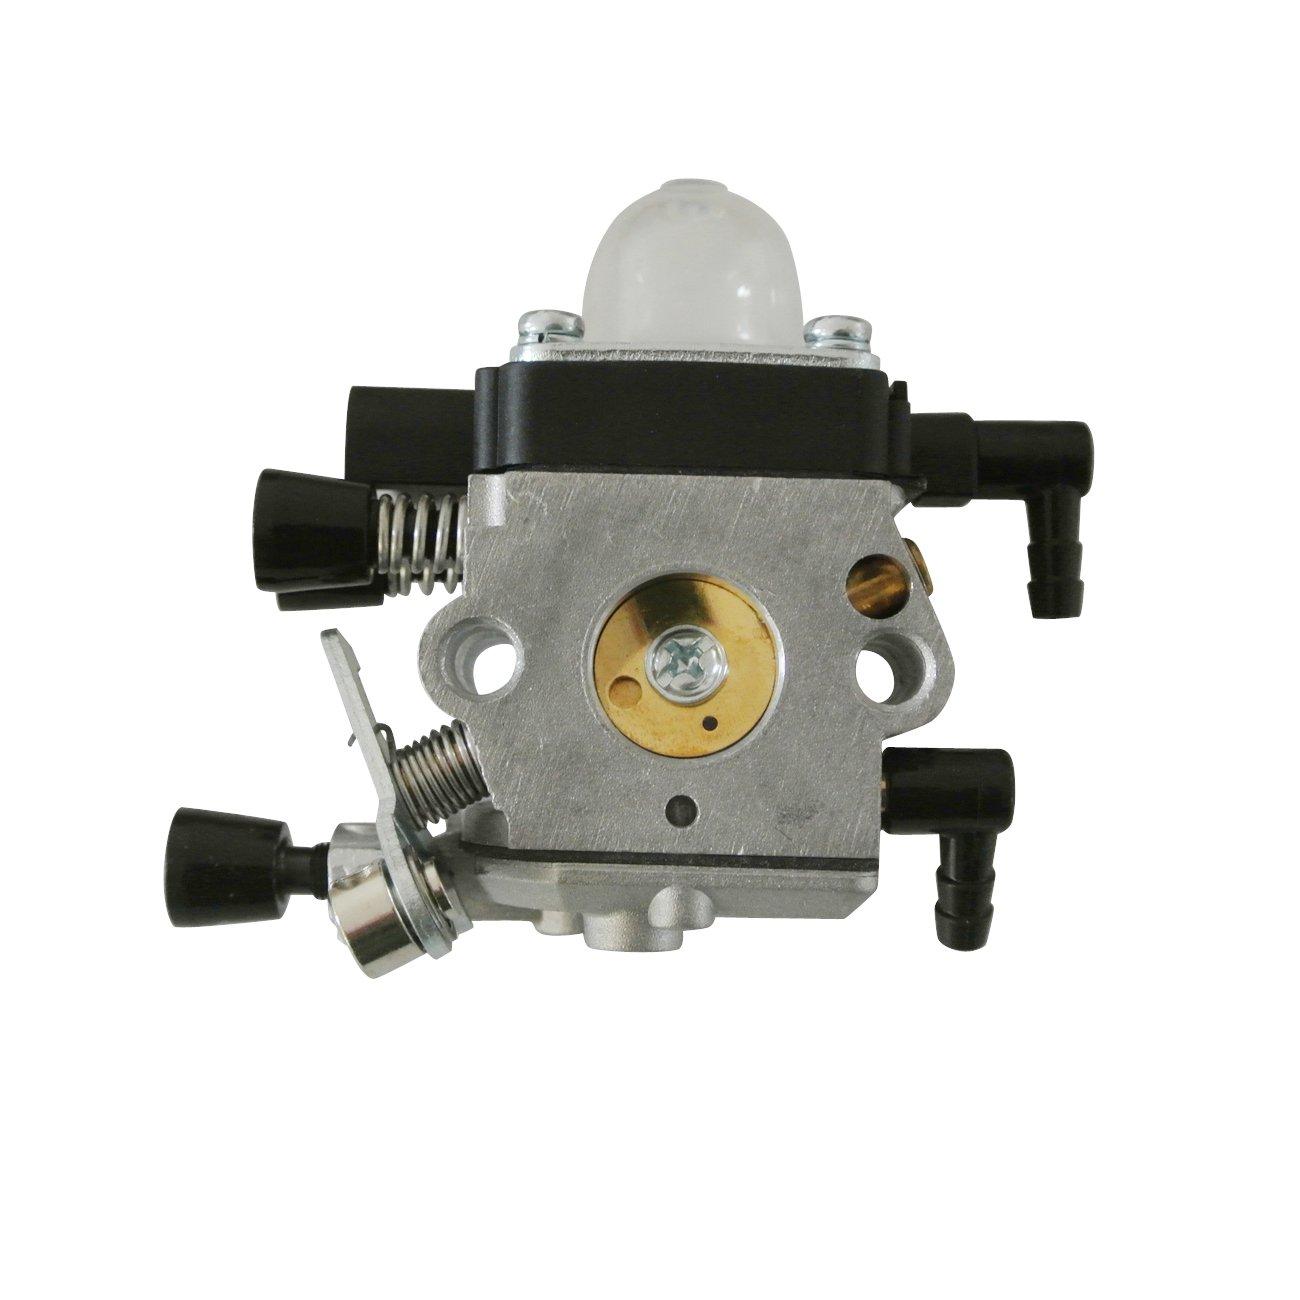 JRL - Carburador para multimotor Stihl MM55 Zama C1Q-S202A P/N ...